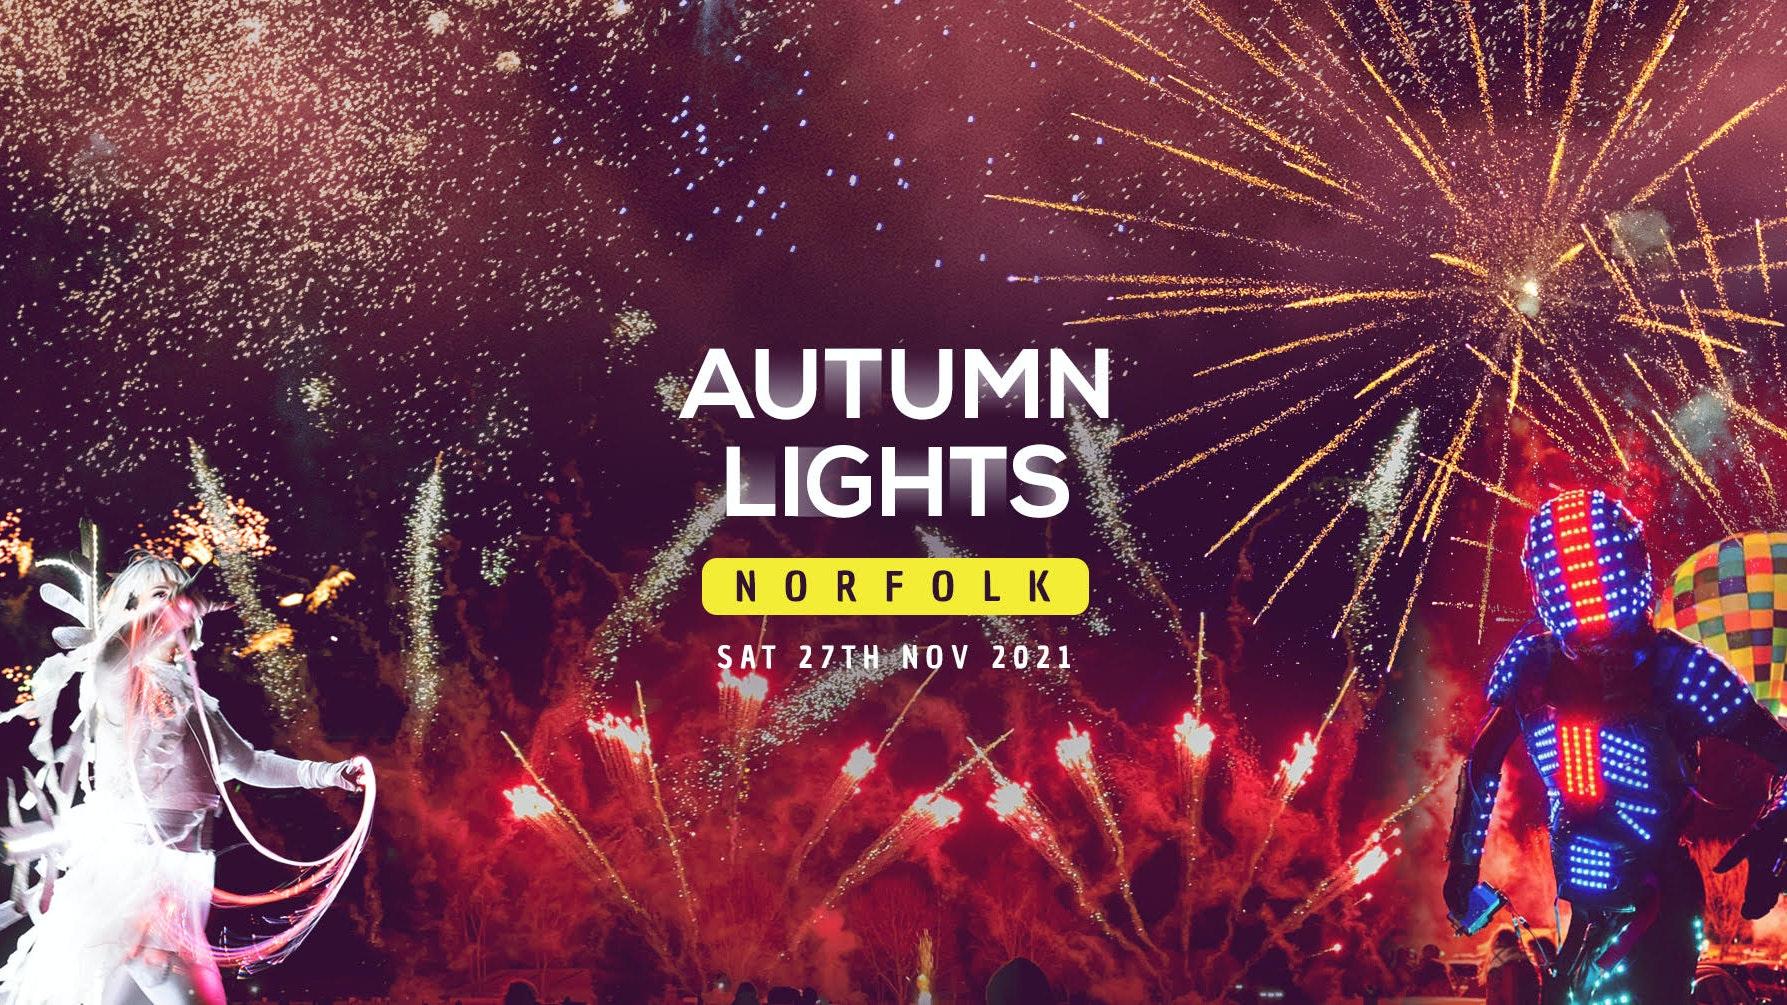 Autumn Lights – Norfolk 2021